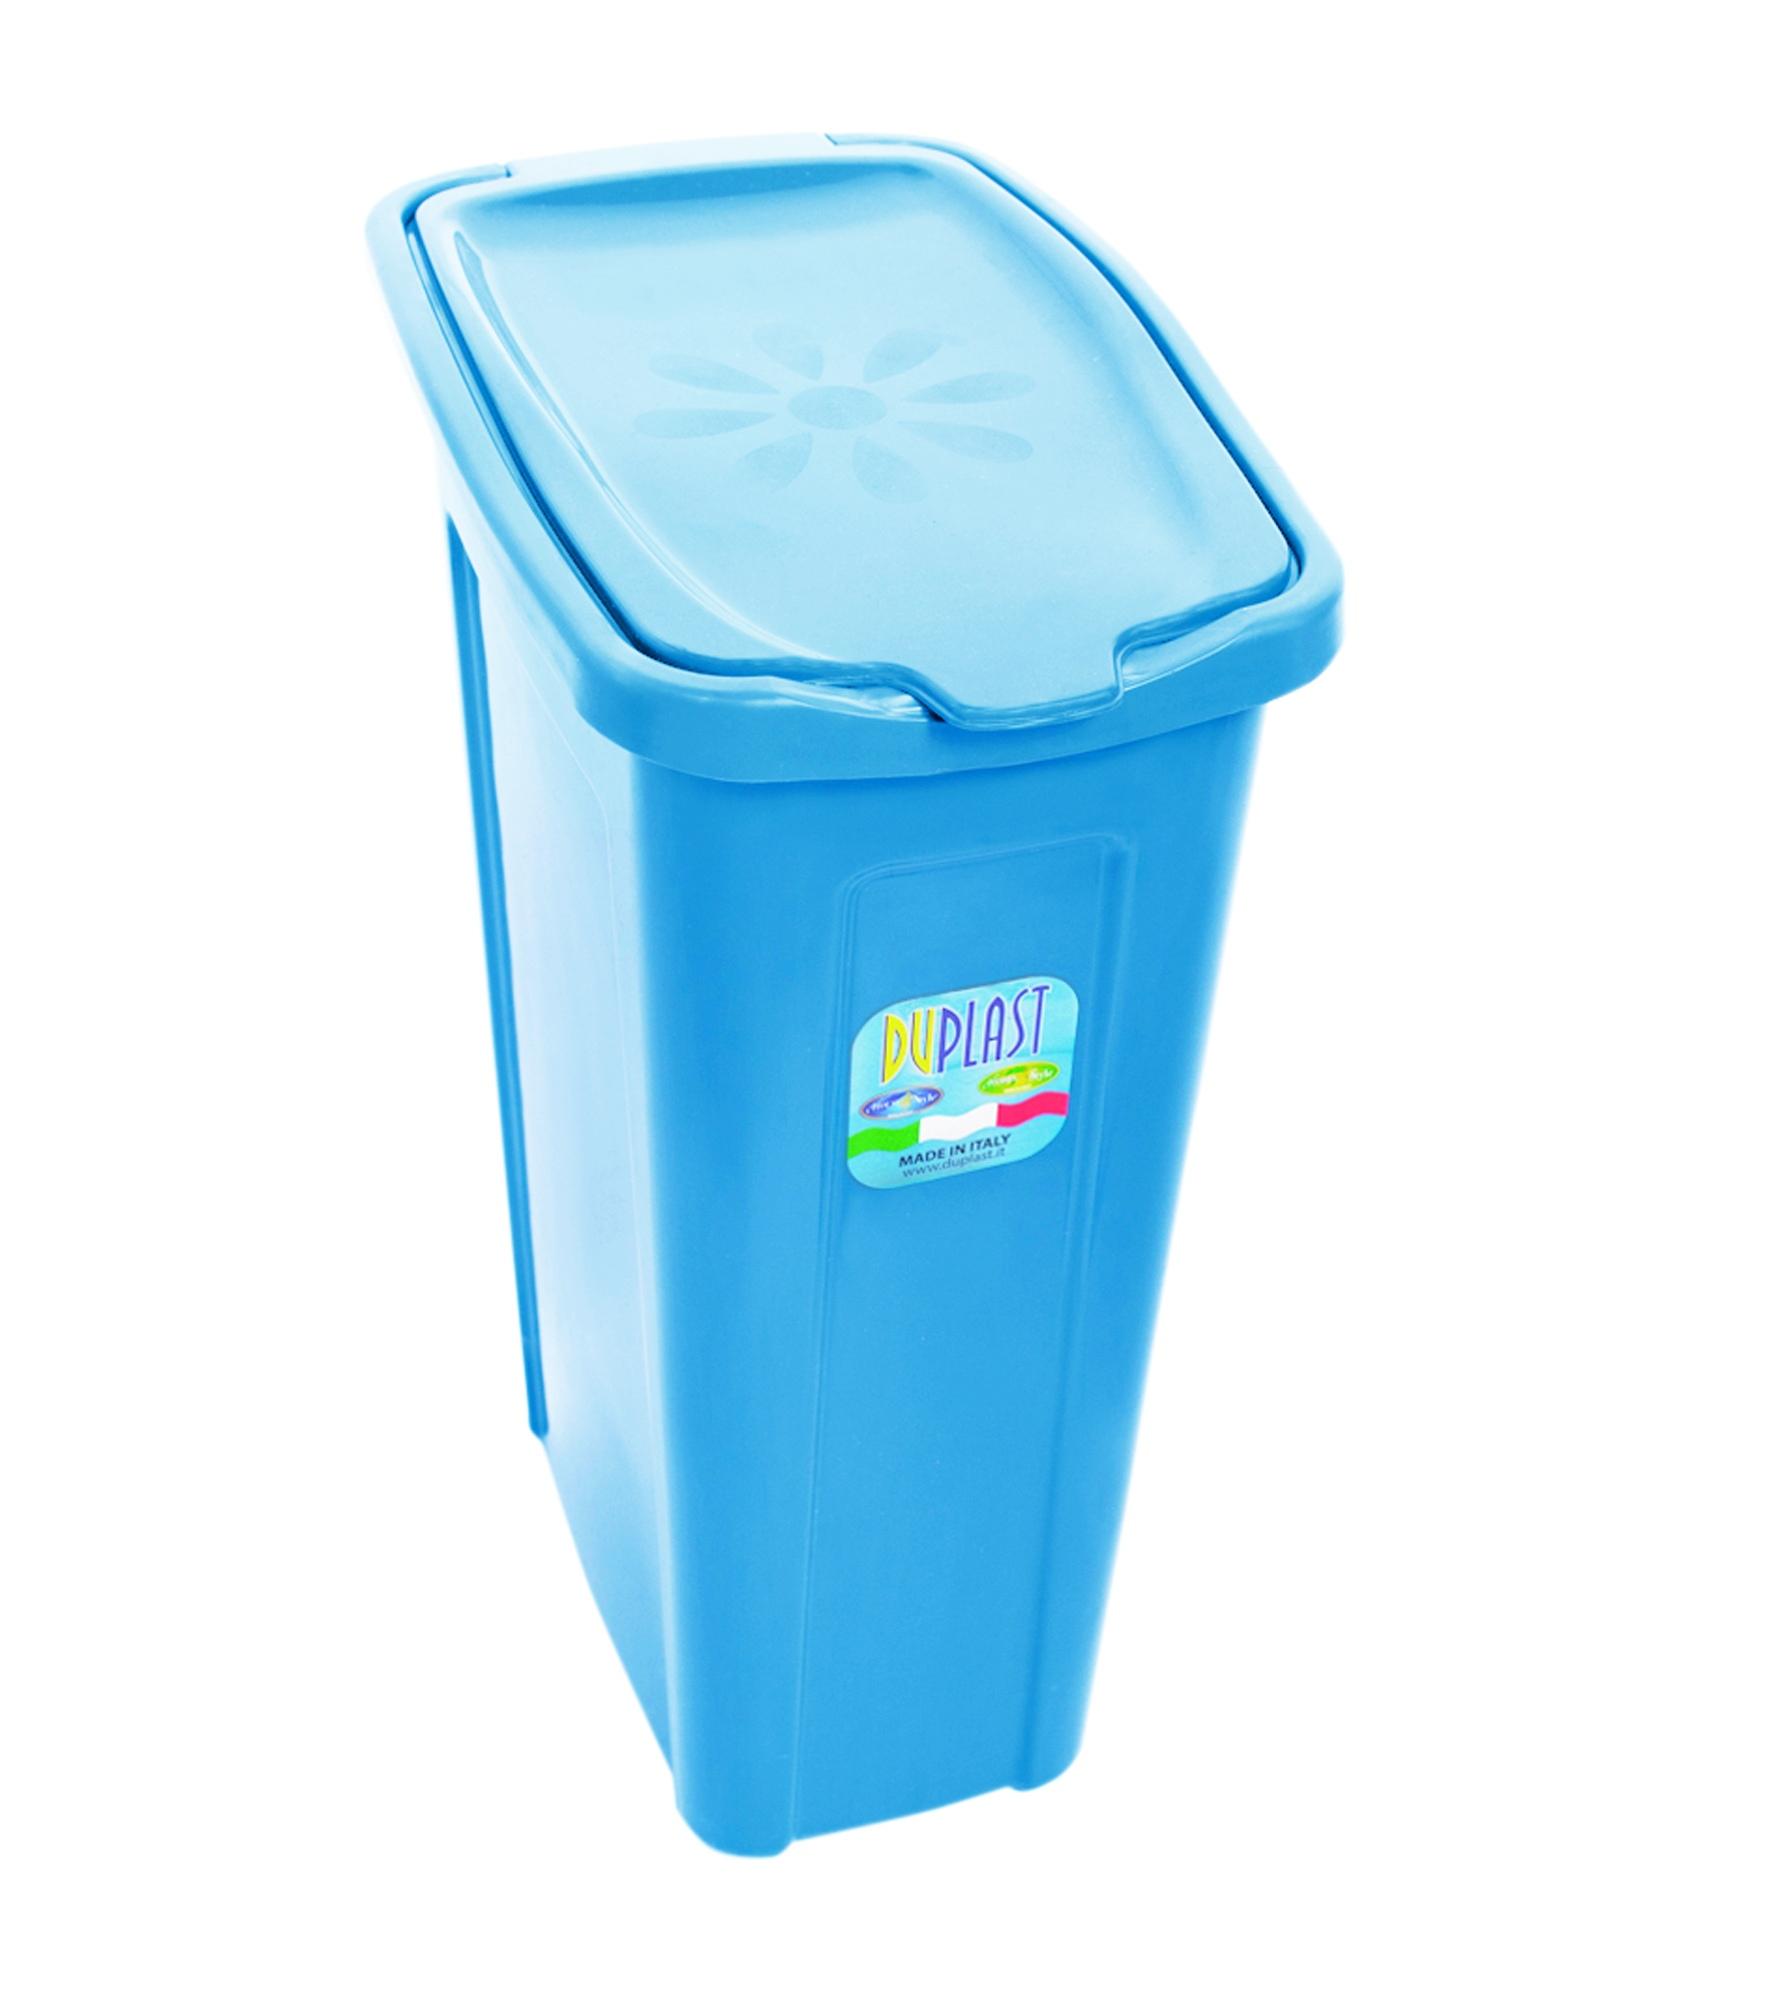 Slim under cabinet dustbin rubbish waste 35 litre laundry bin washing cupboard - Slimline waste bin ...